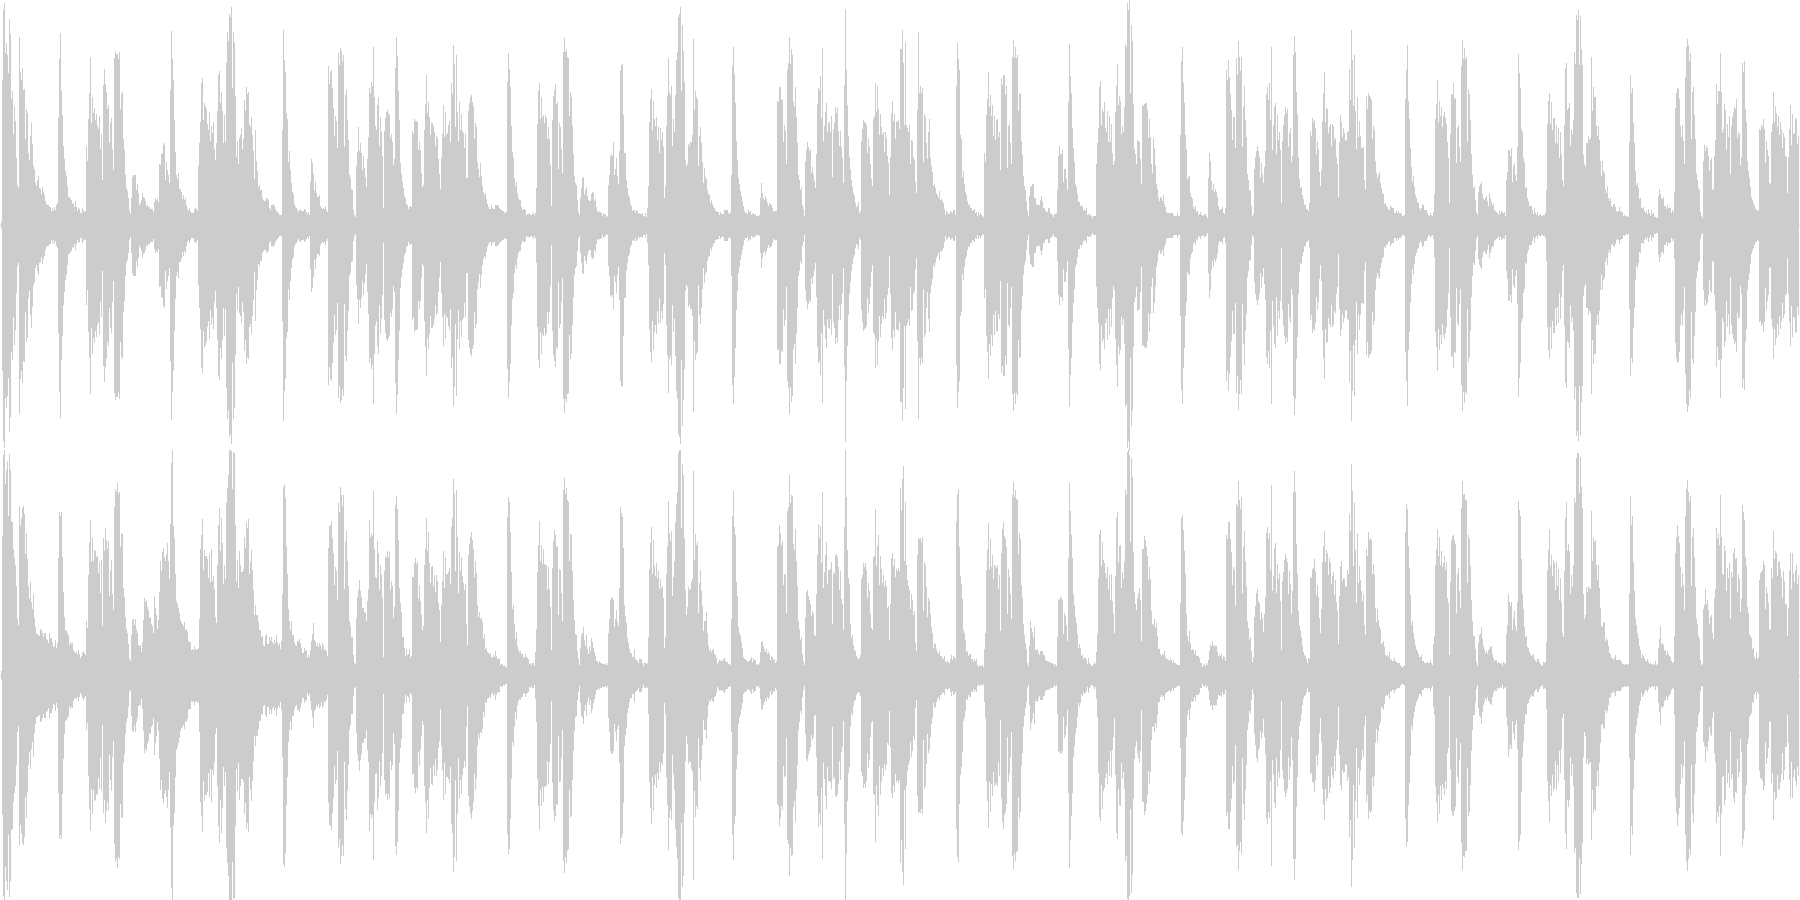 ヒップホップを感じる楽曲です。の未再生の波形